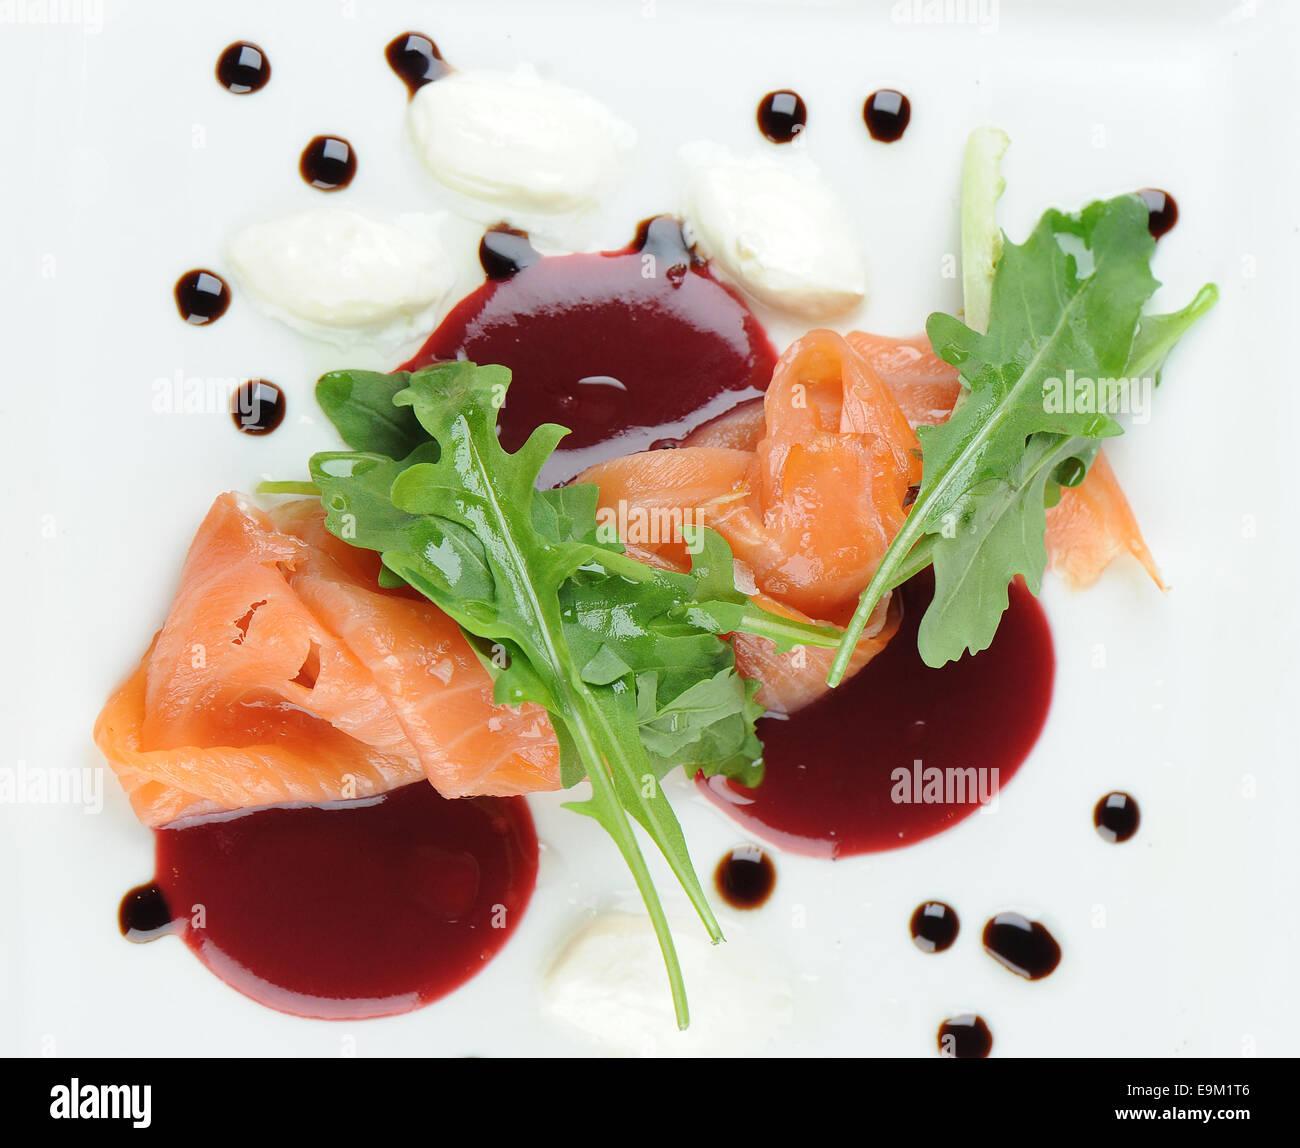 Geräucherter Lachs Graved Lachs als Vorspeise auf einem weißen Teller mit Chilisauce serviert. Stockbild